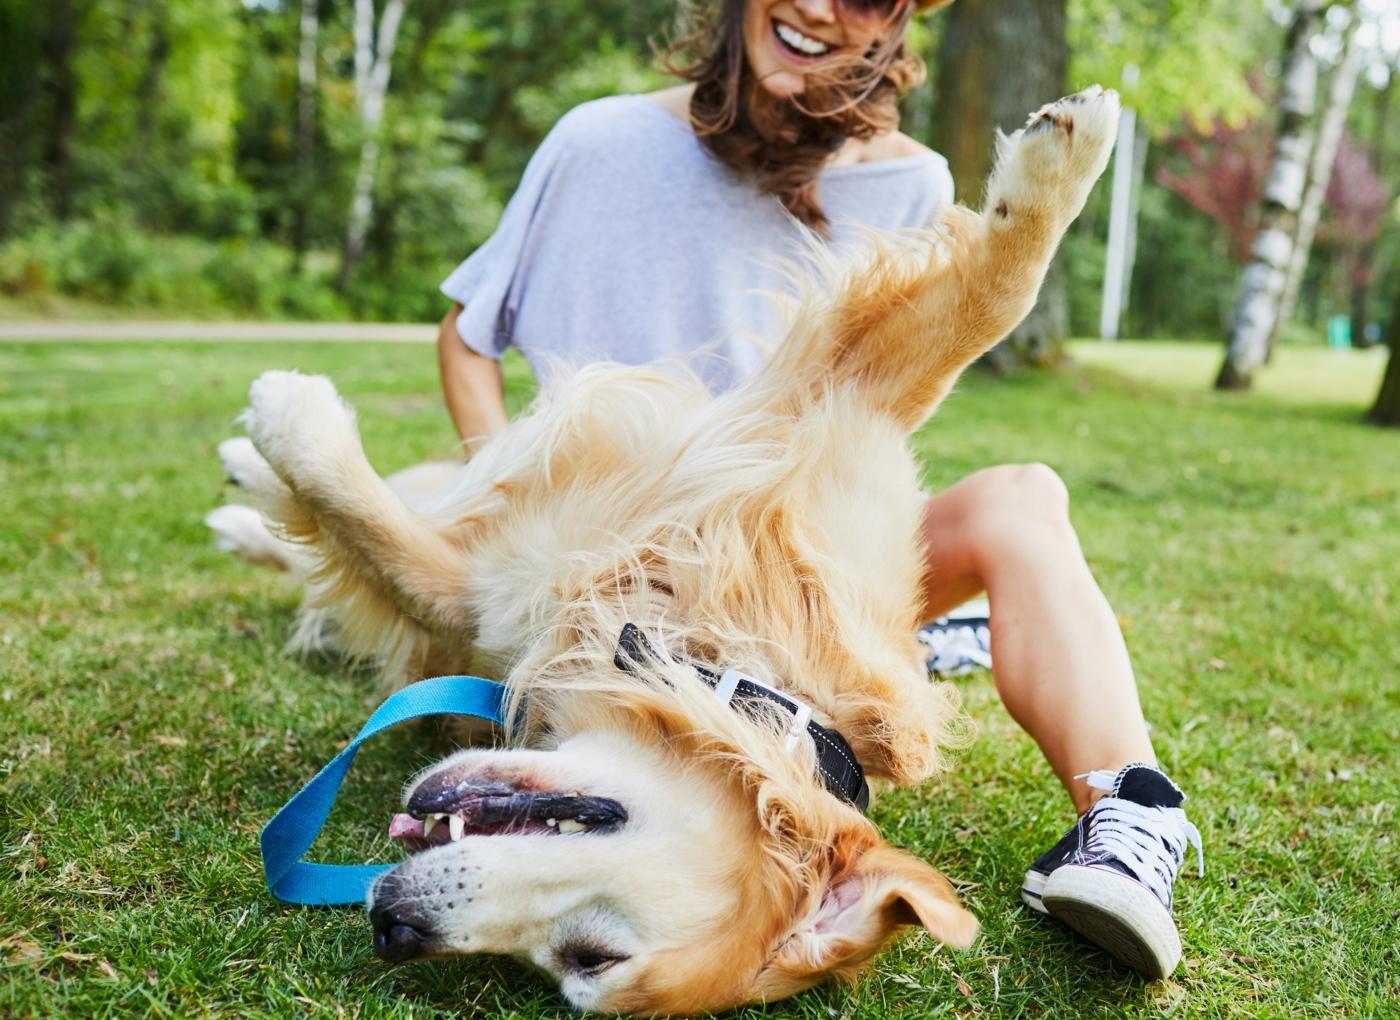 Como antecipar o comportamento de um cão amigável